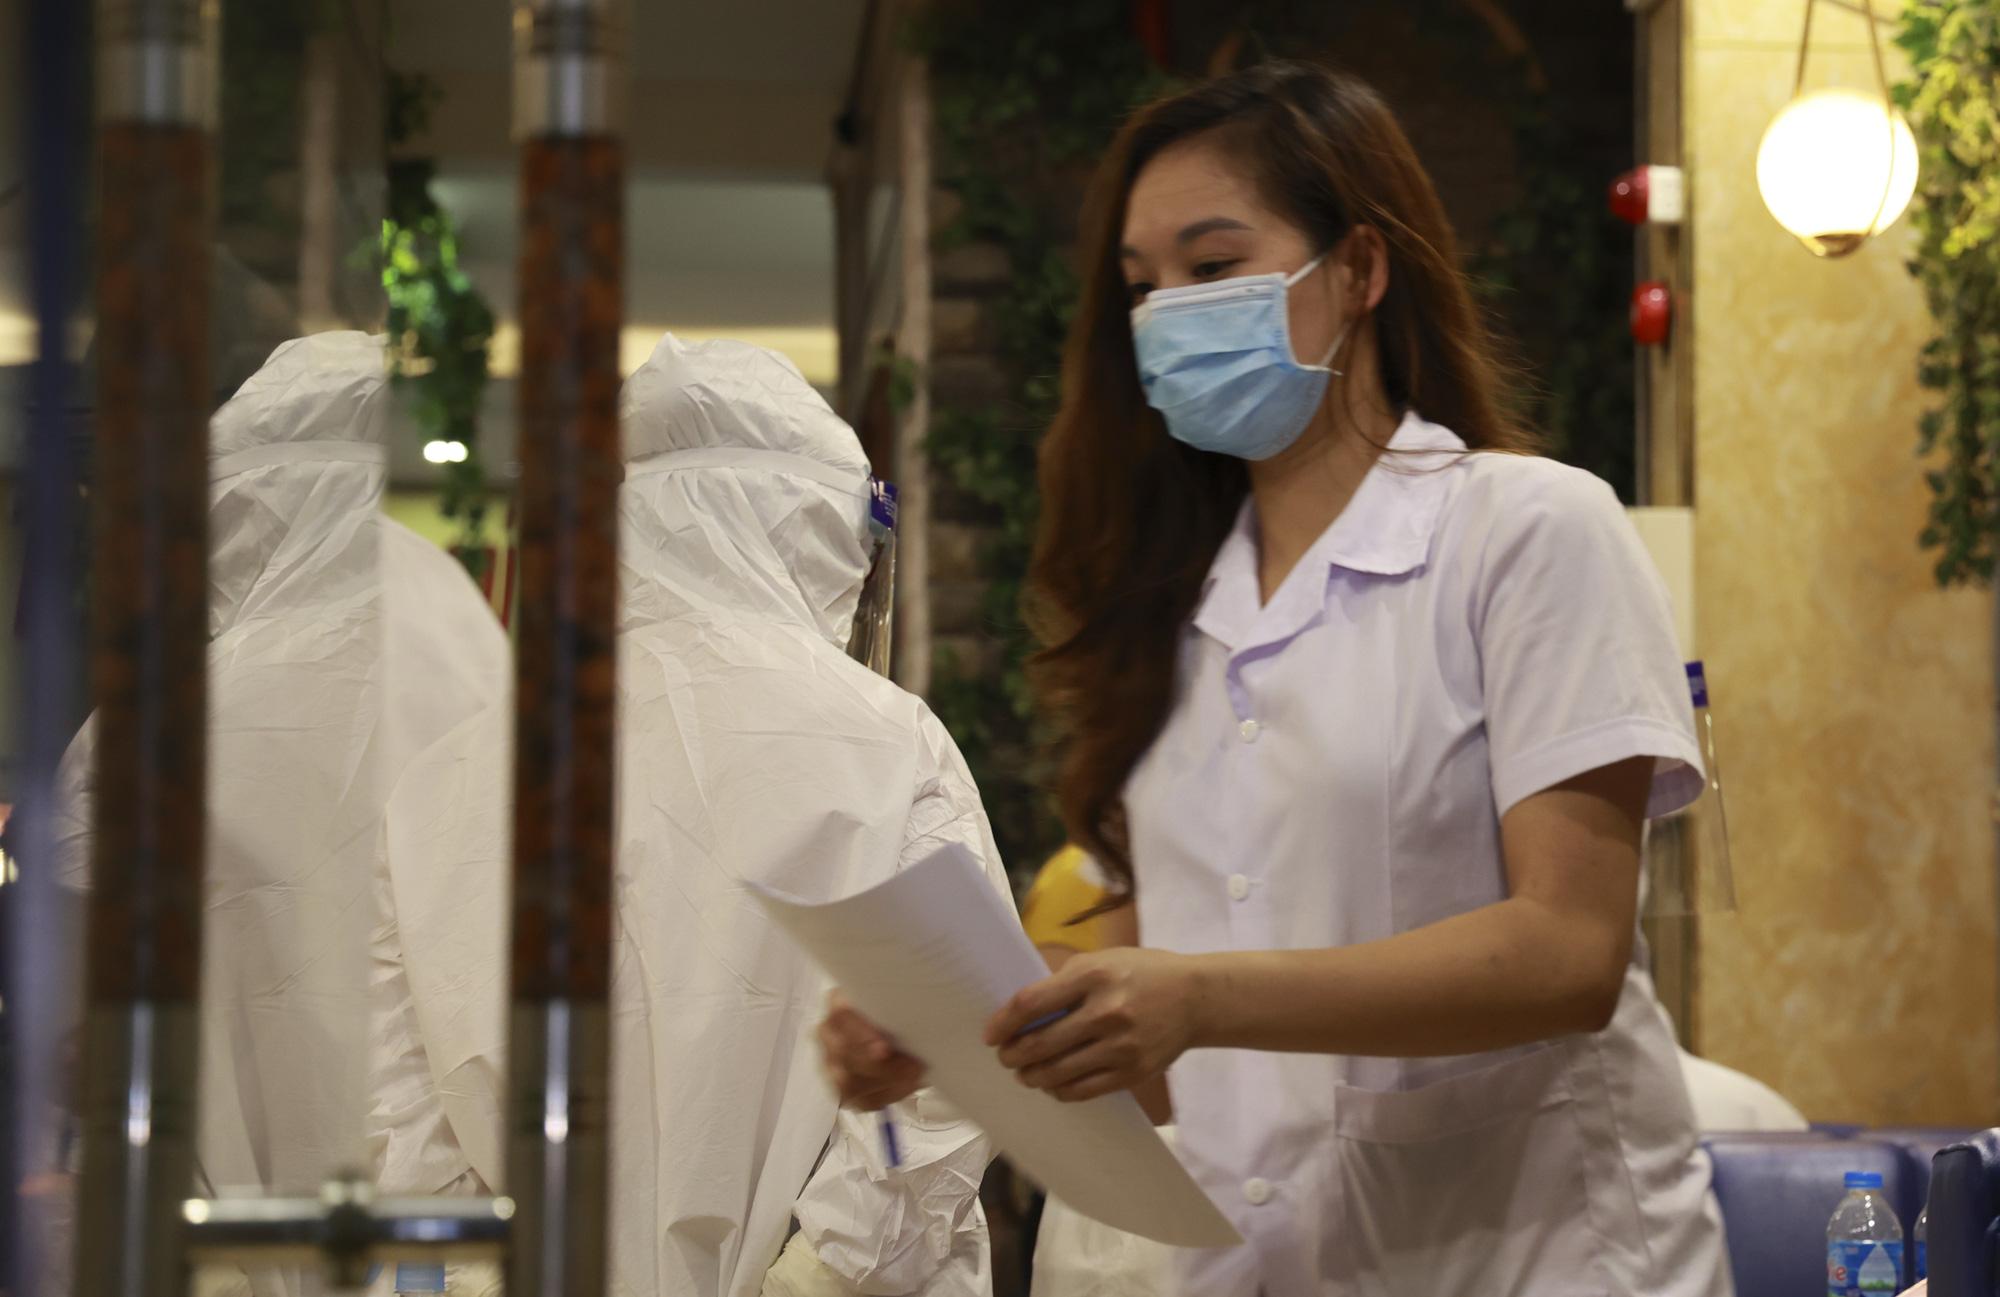 Hà Nội: Đang tiến hành test nhanh COVID-19, phun khử khuẩn quán karaoke nơi nam bác sĩ dương tính với SARS-CoV-2 từng đến - Ảnh 7.